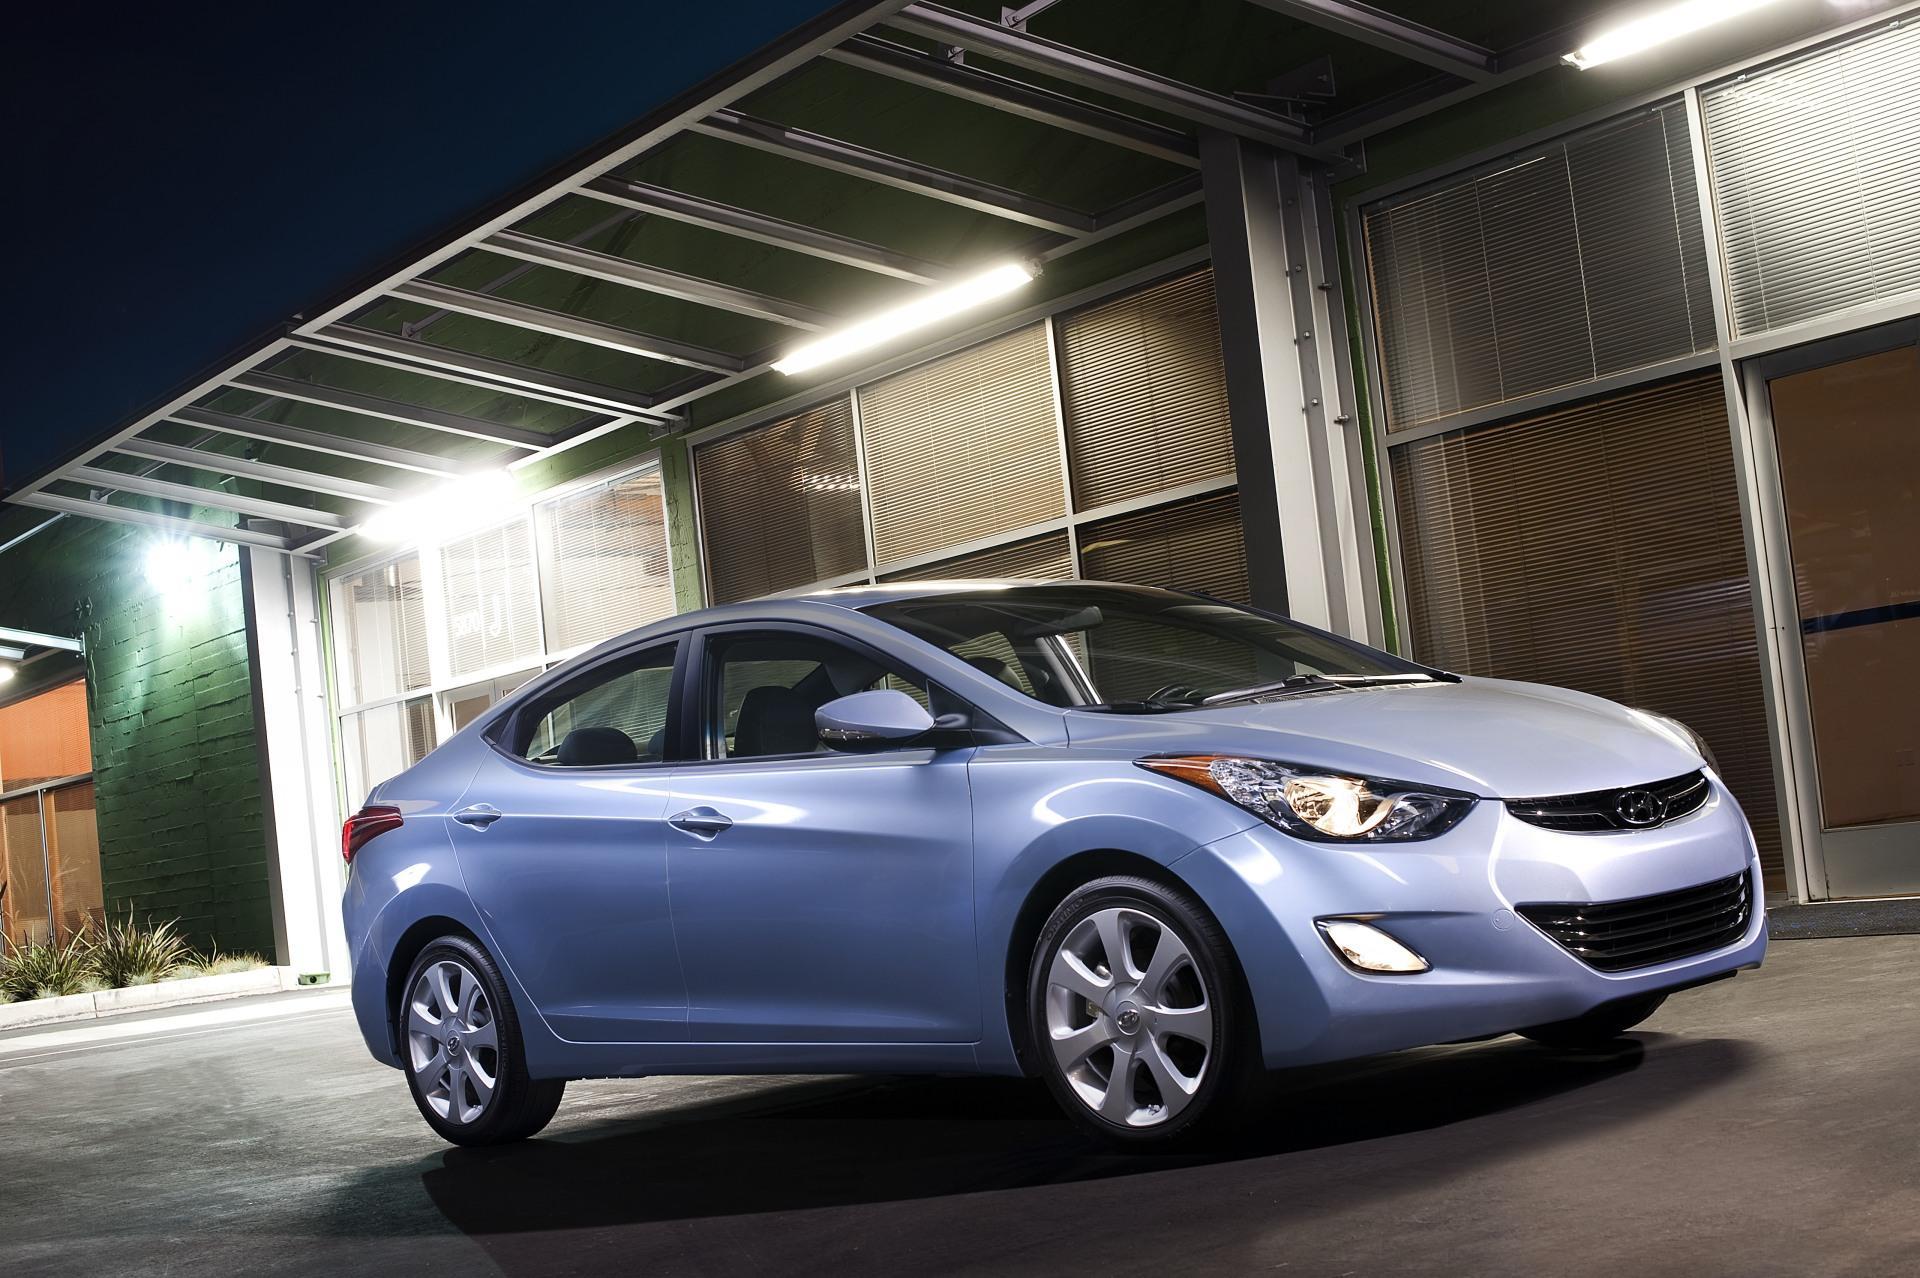 Hyundai Elantra: Emission control system